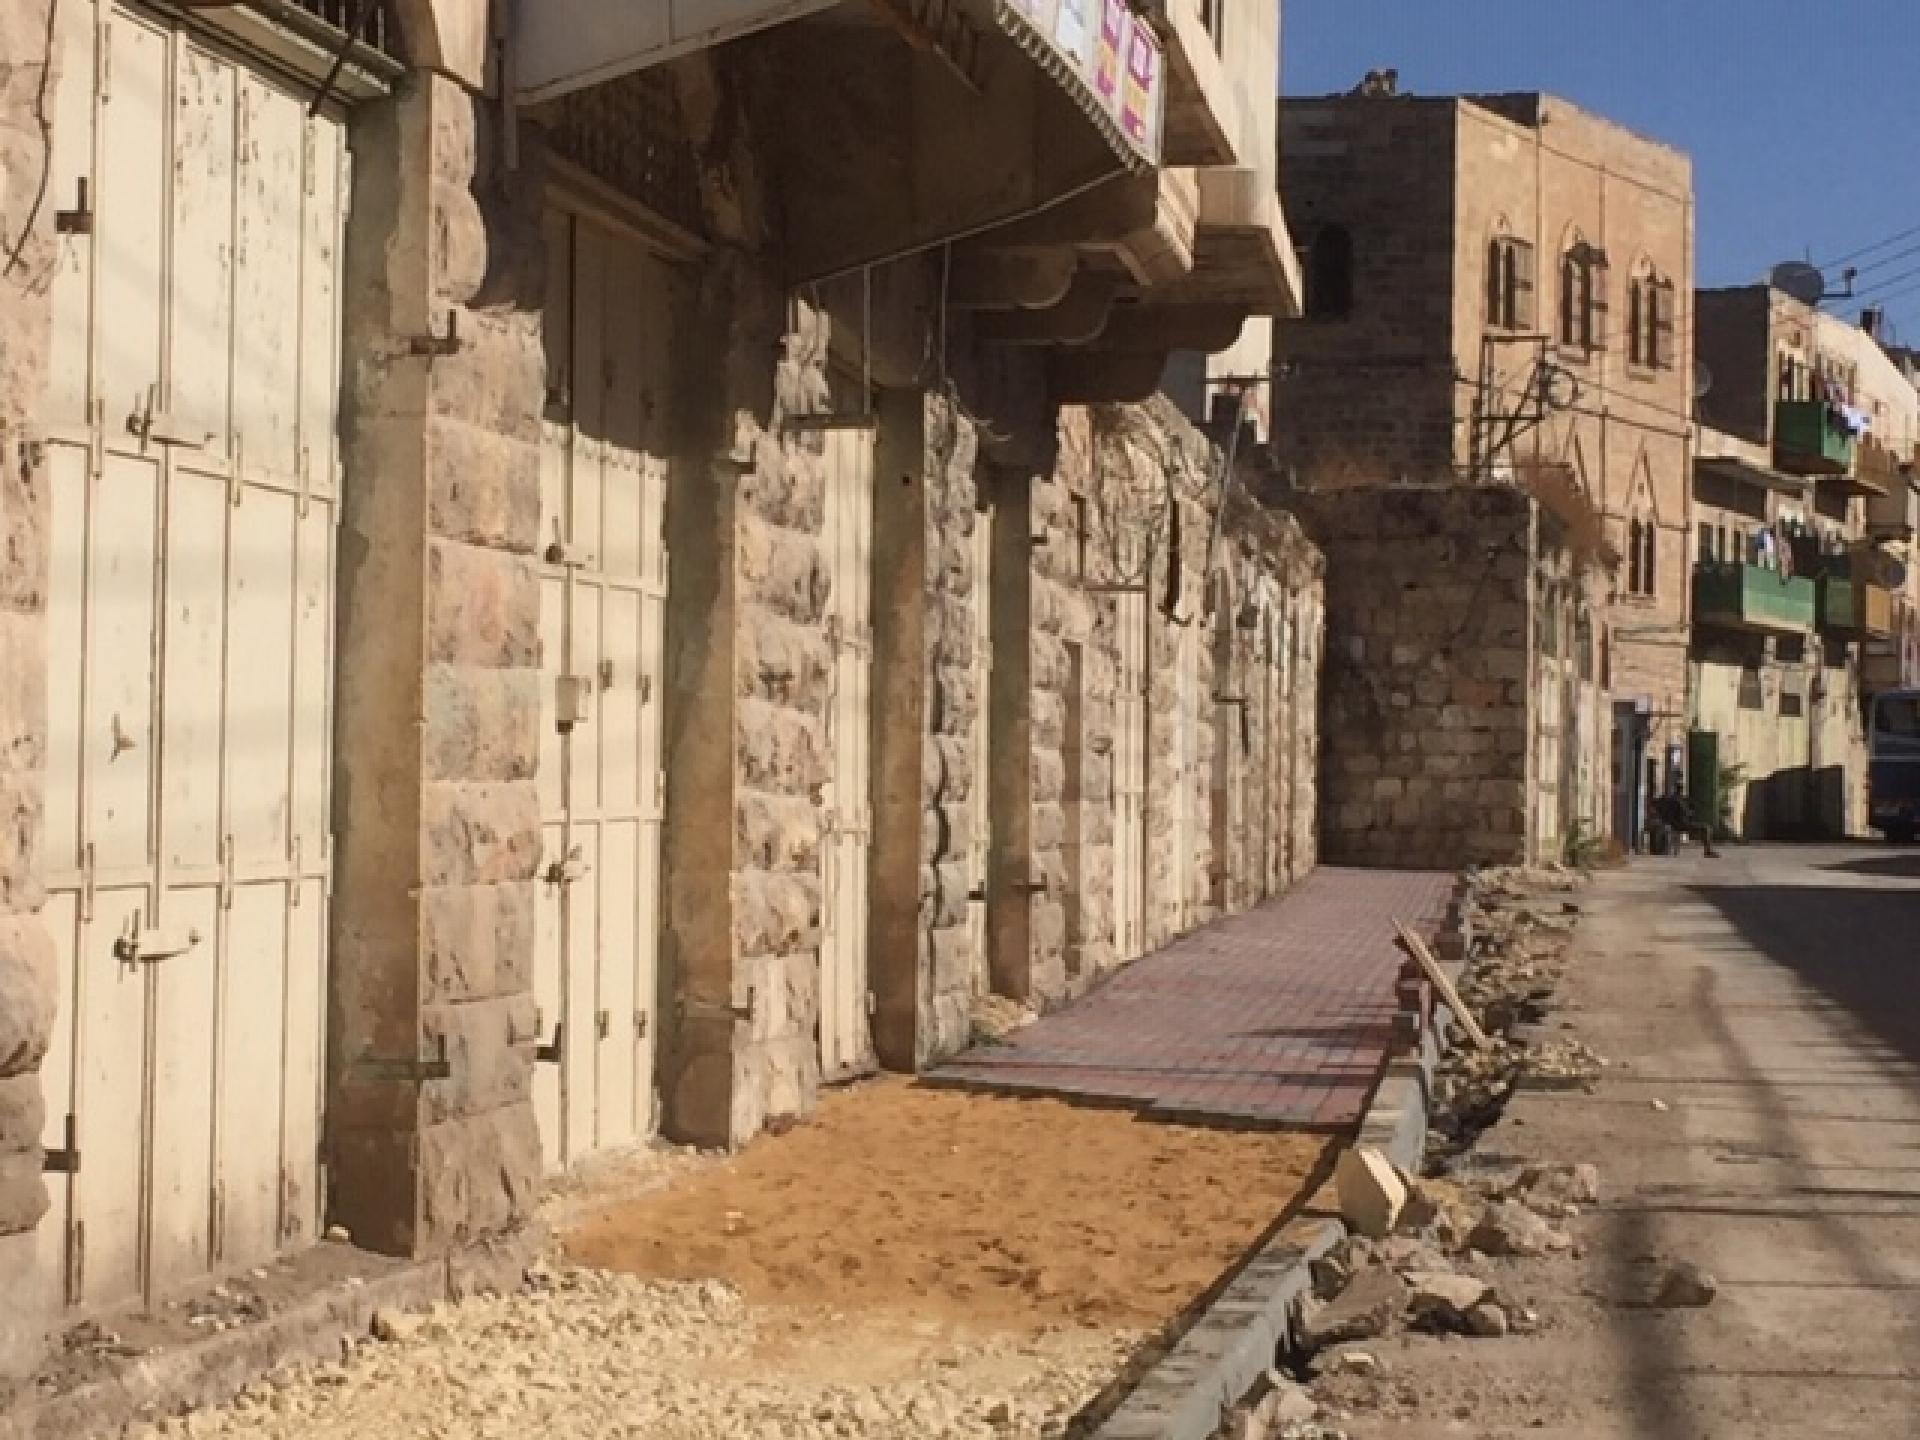 עיריית חברון בשיתוף עם המינהל האזרחי בונה מדרכות להולכי רגל